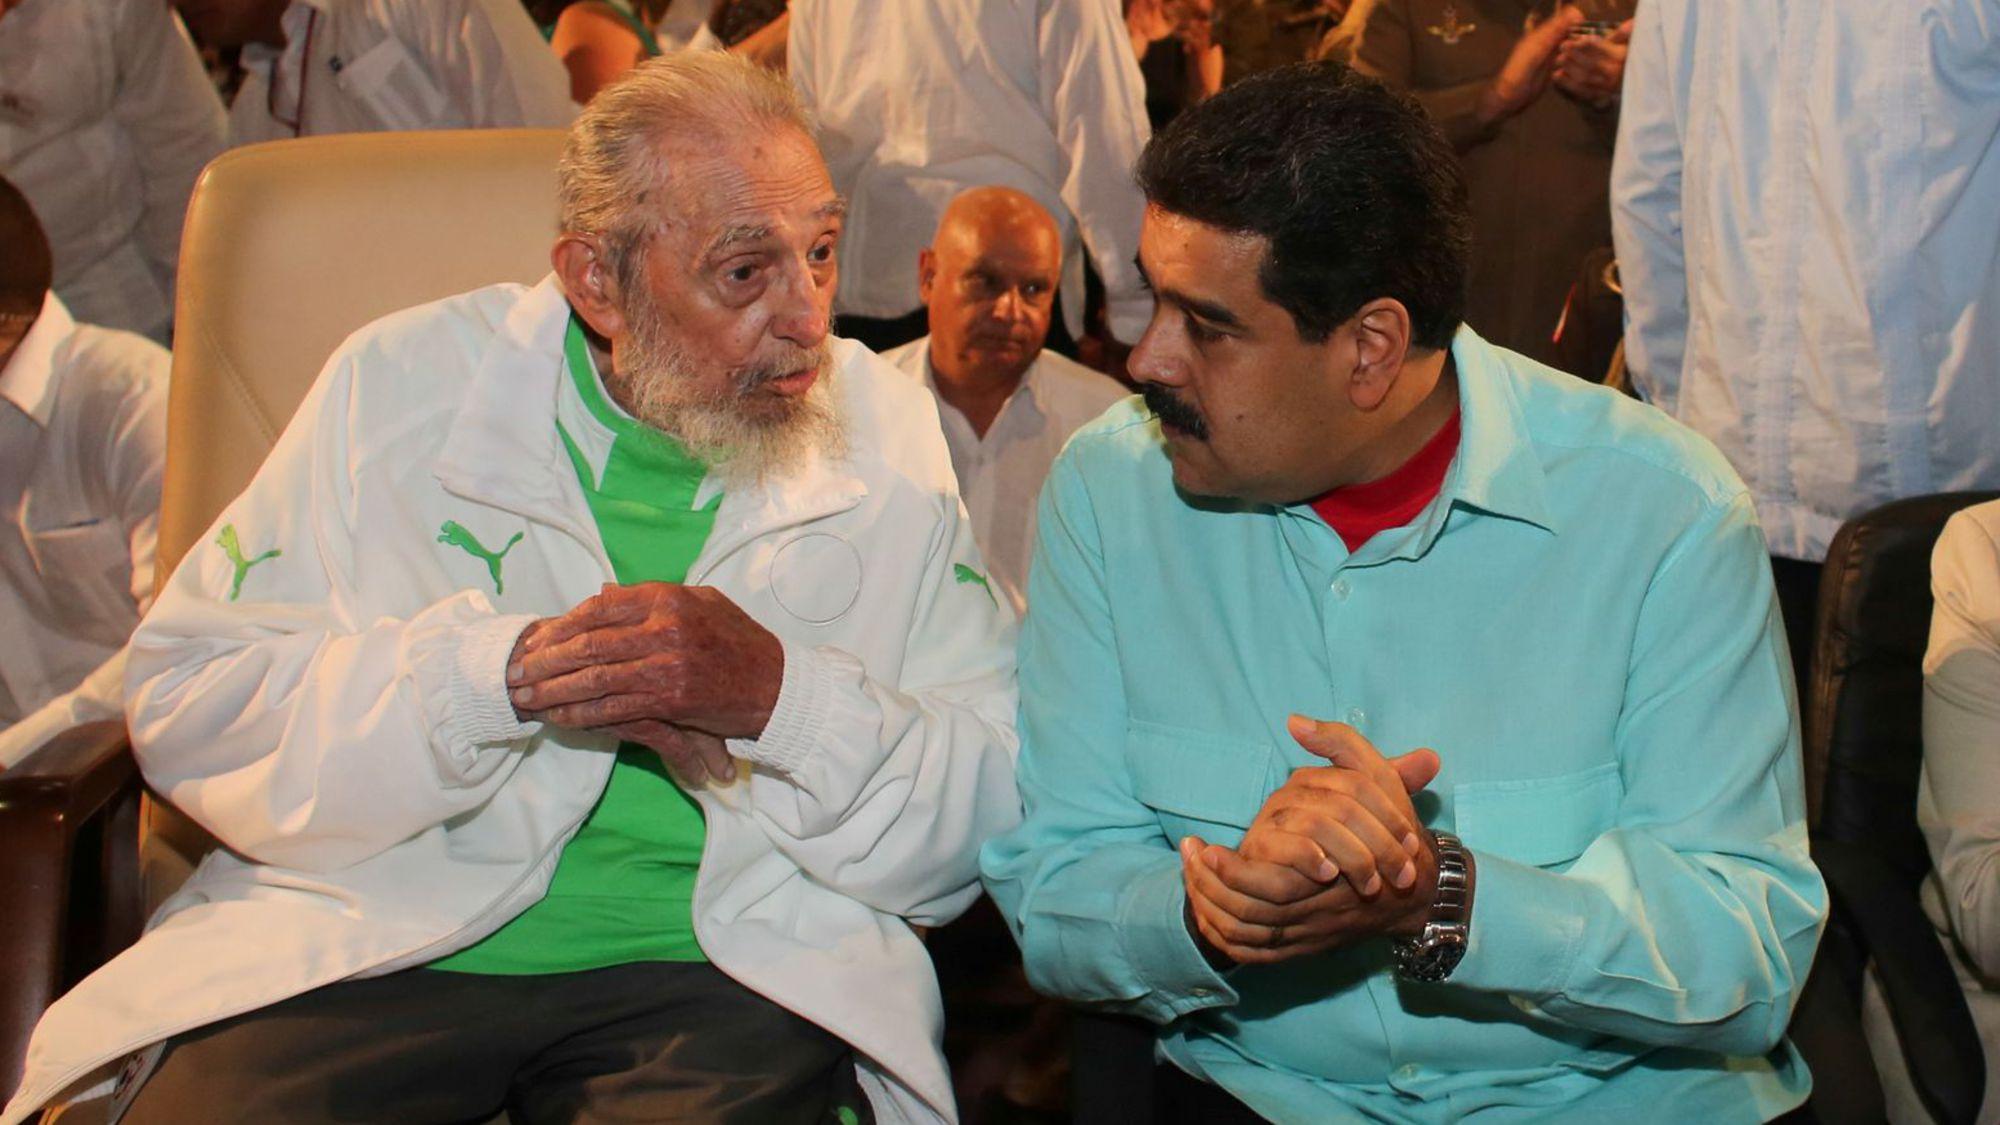 الرئيس الشهم هواري بومدين - صفحة 11 Fidel3